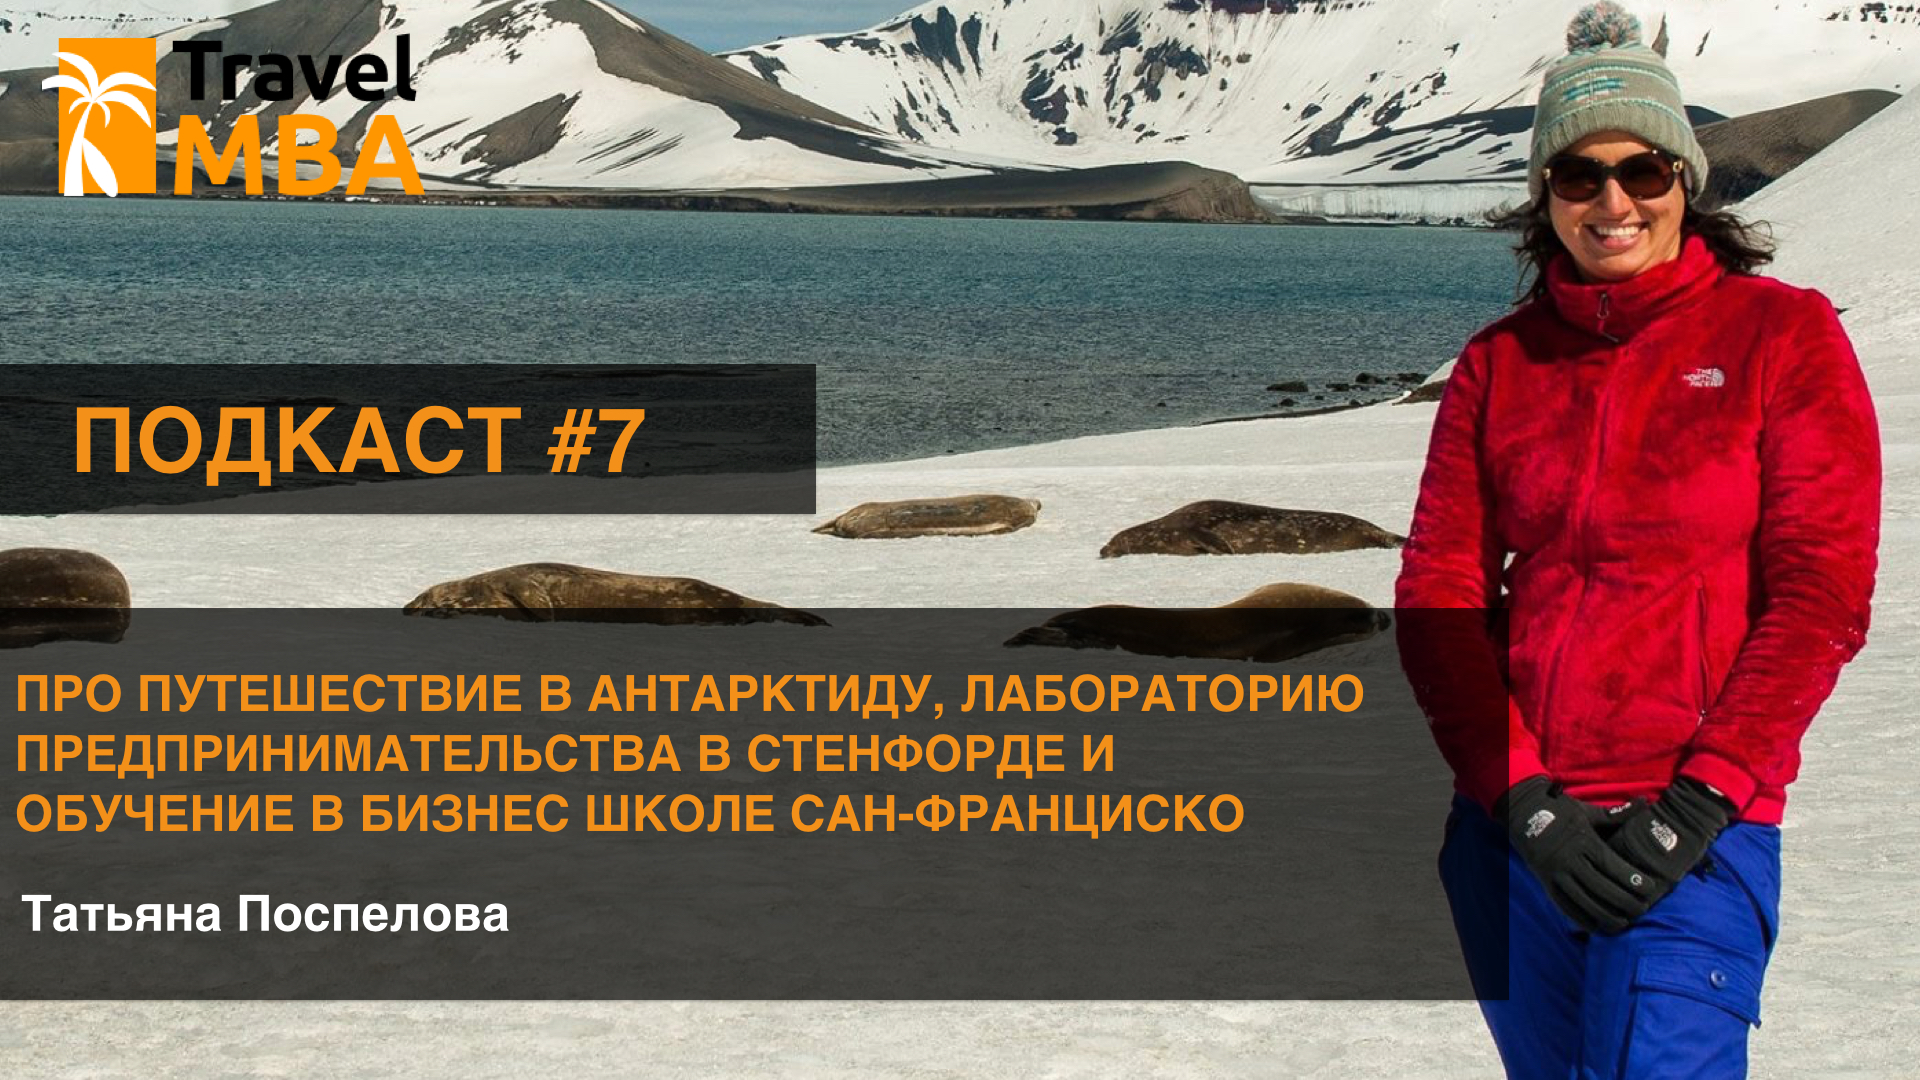 [Подкаст] Татьяна Поспелова: про Стенфорд, путешествие в Антарктиду и жизнь в Сан-Франциско